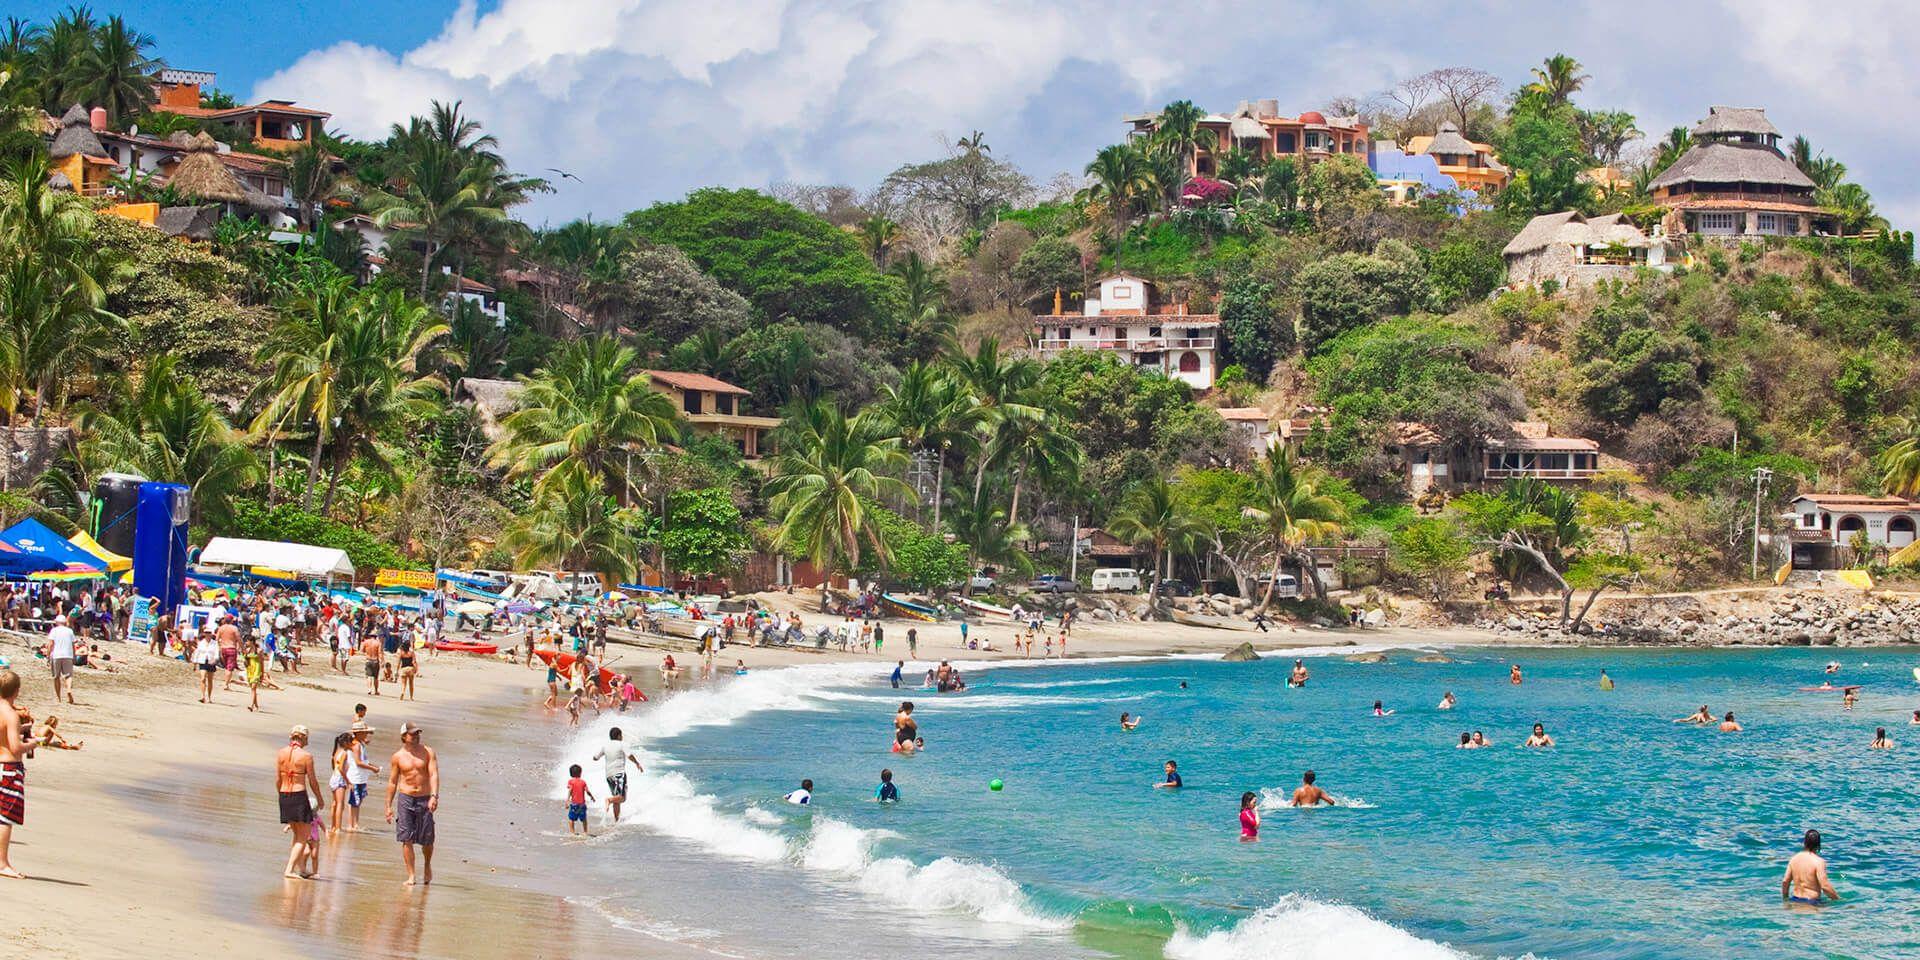 Plaja in Puerto Vallarta